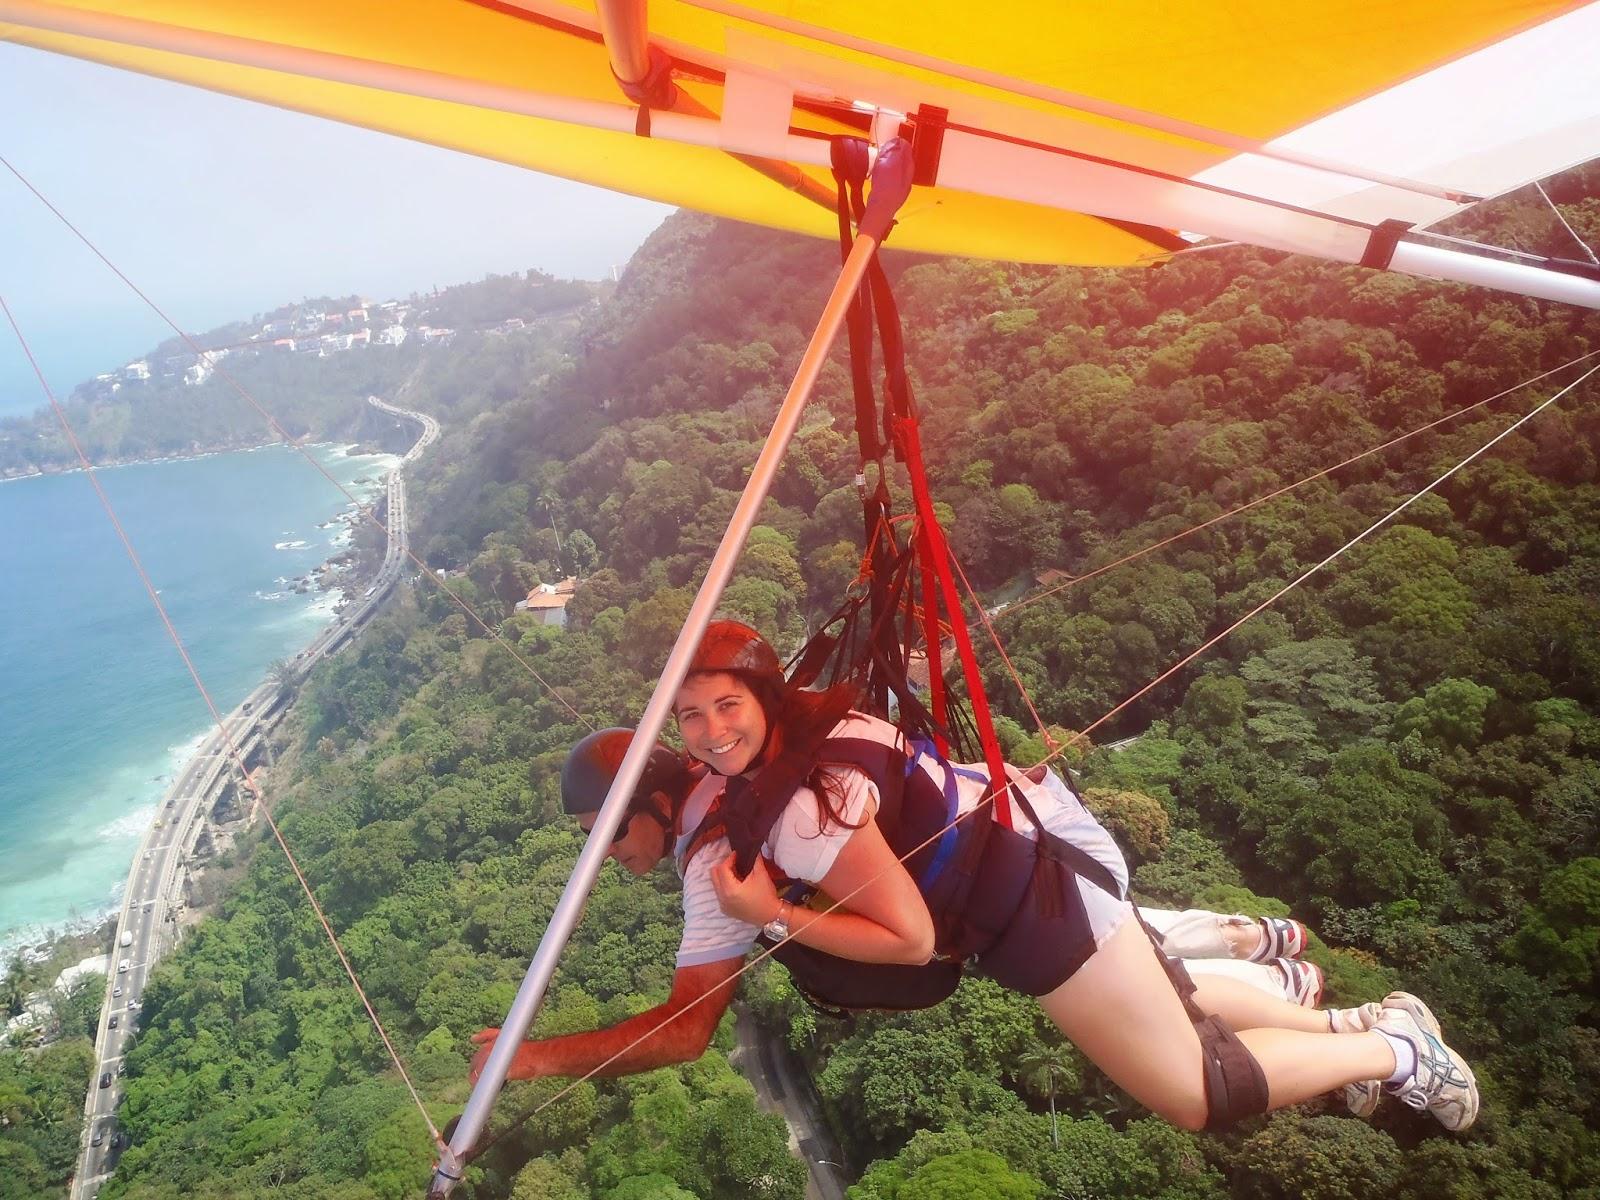 Hang Gliding over forest and beaches in Rio de Janeiro